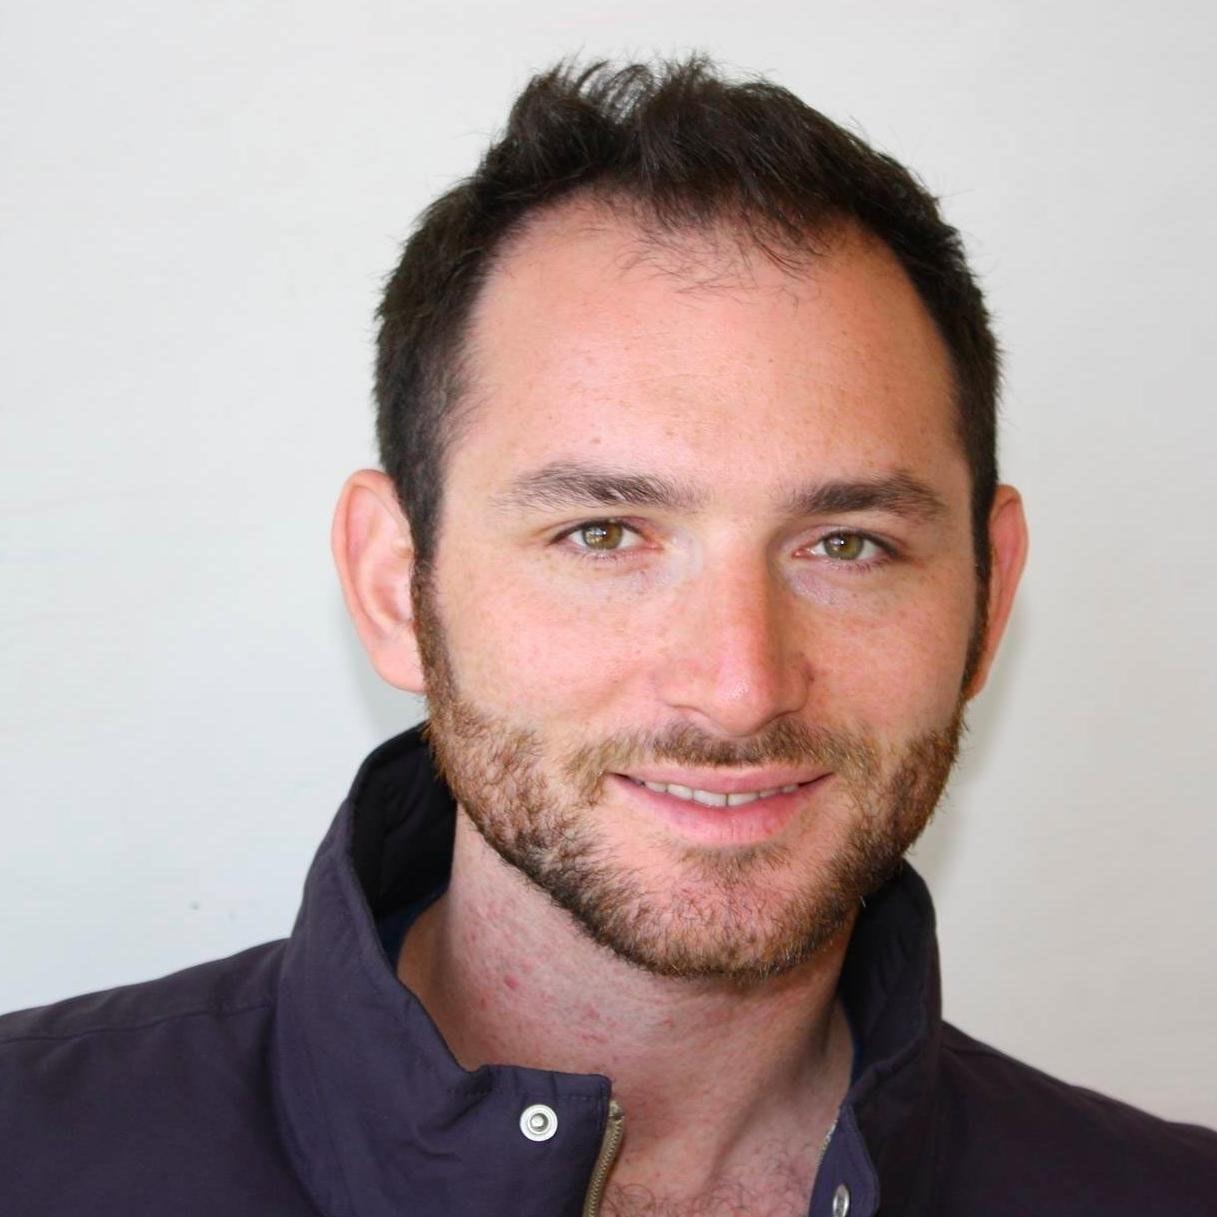 Seth Teicher